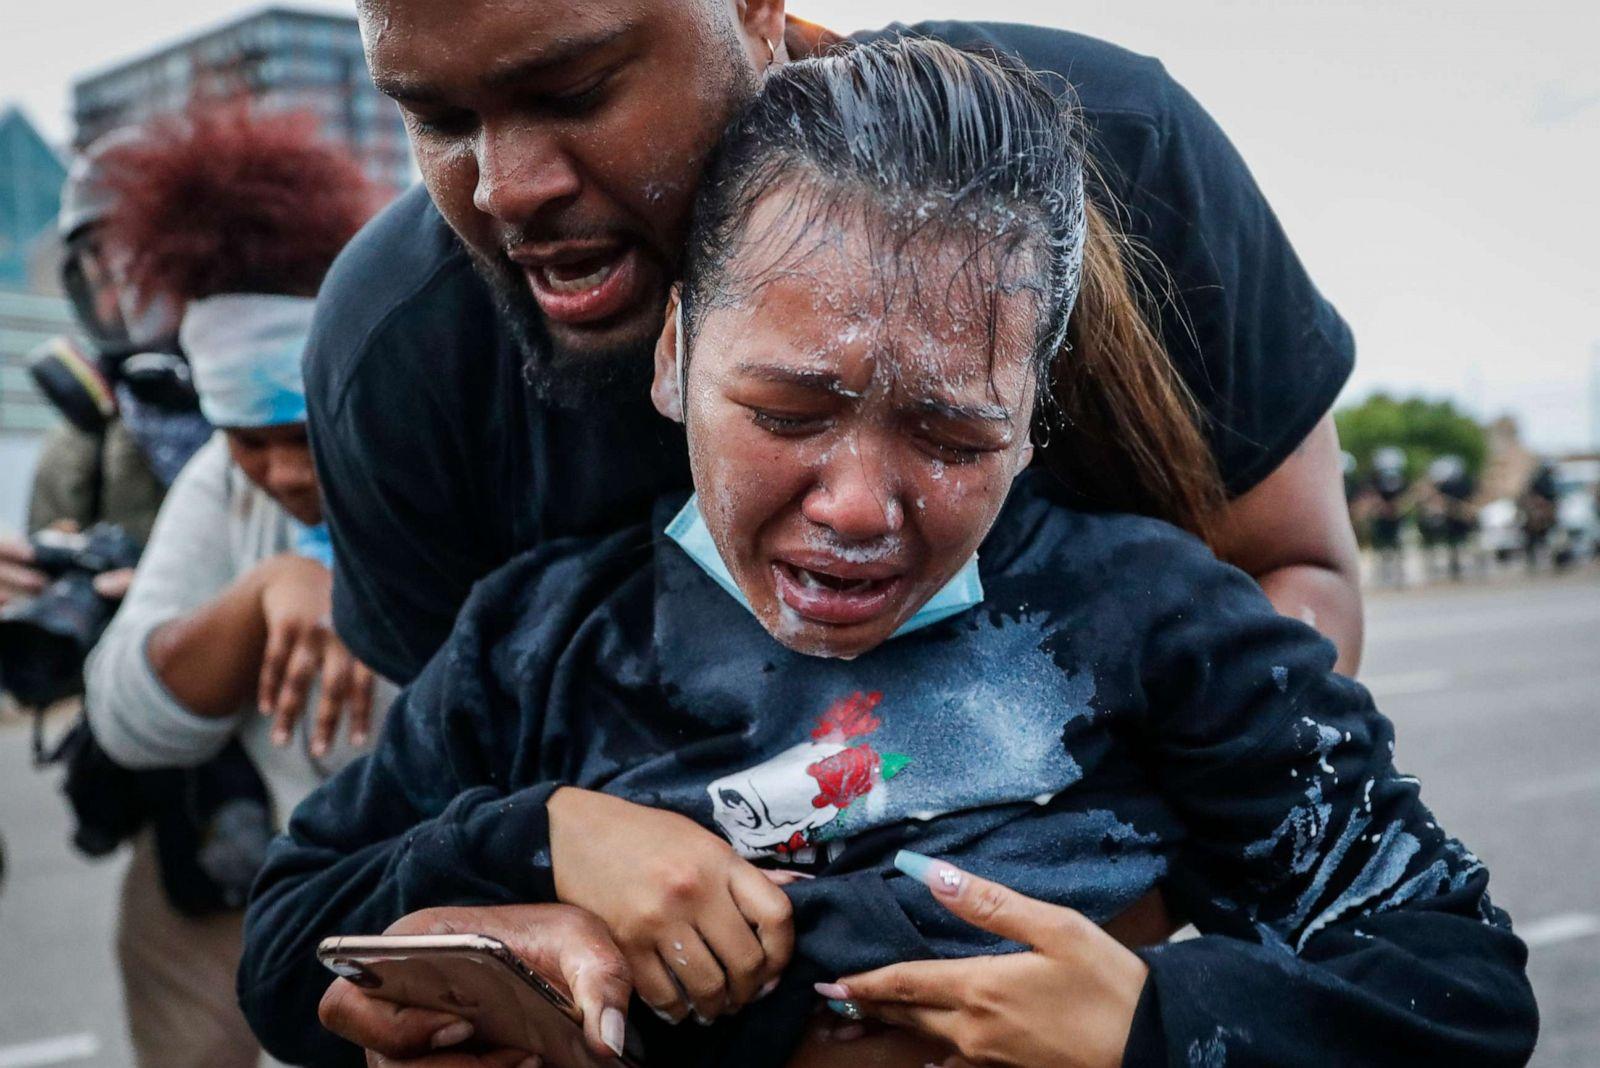 """Chùm ảnh: Toàn cảnh nước Mỹ """"đảo điên"""" sau ngày một người đàn ông bị cảnh sát ghì cổ đến chết - Ảnh 4."""